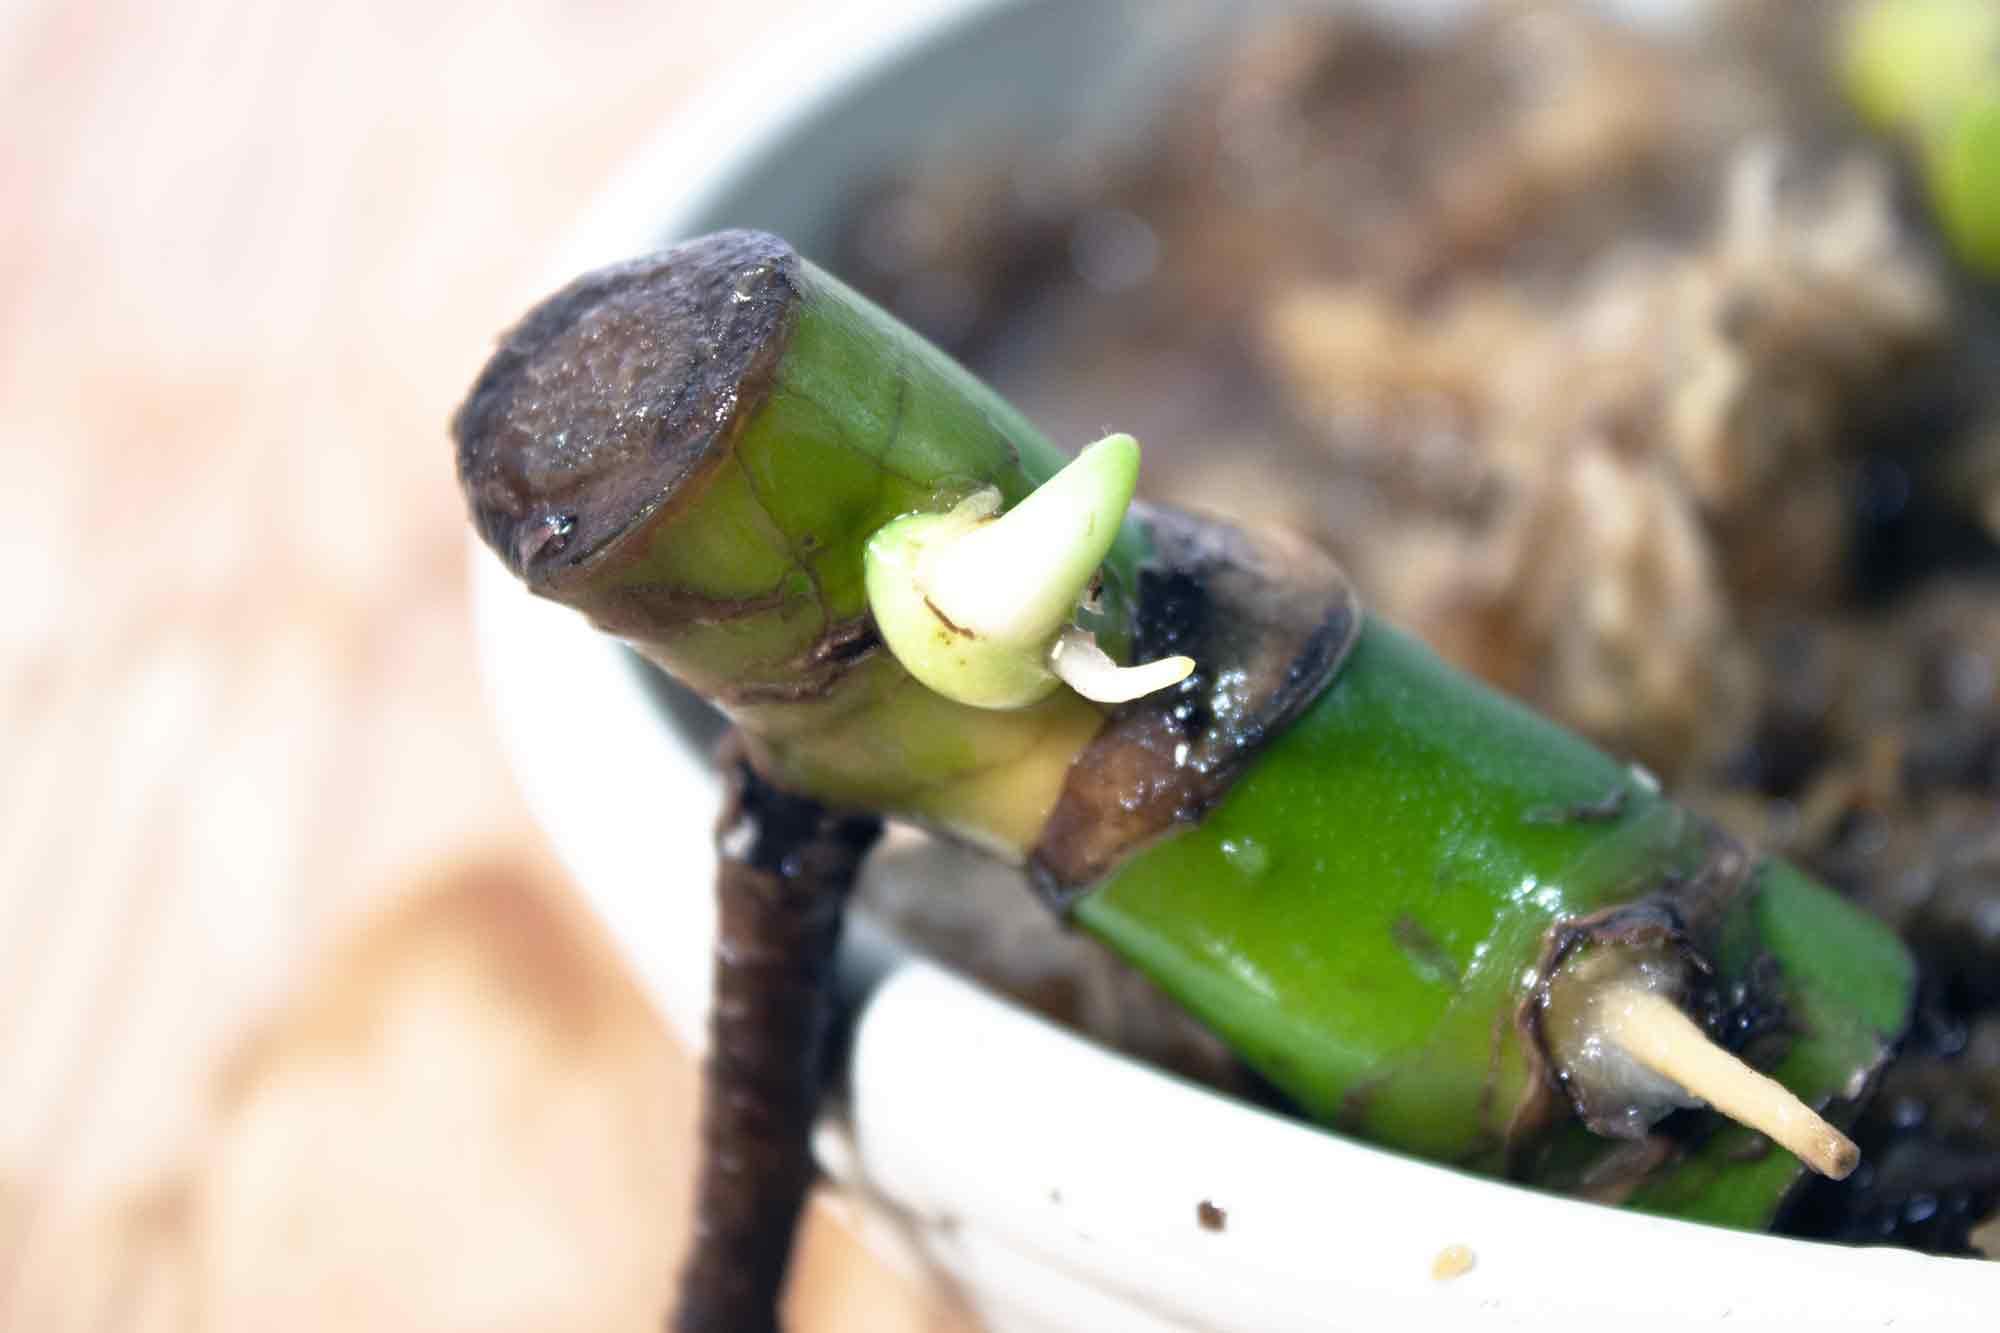 モンステラの節の近くから出た新芽